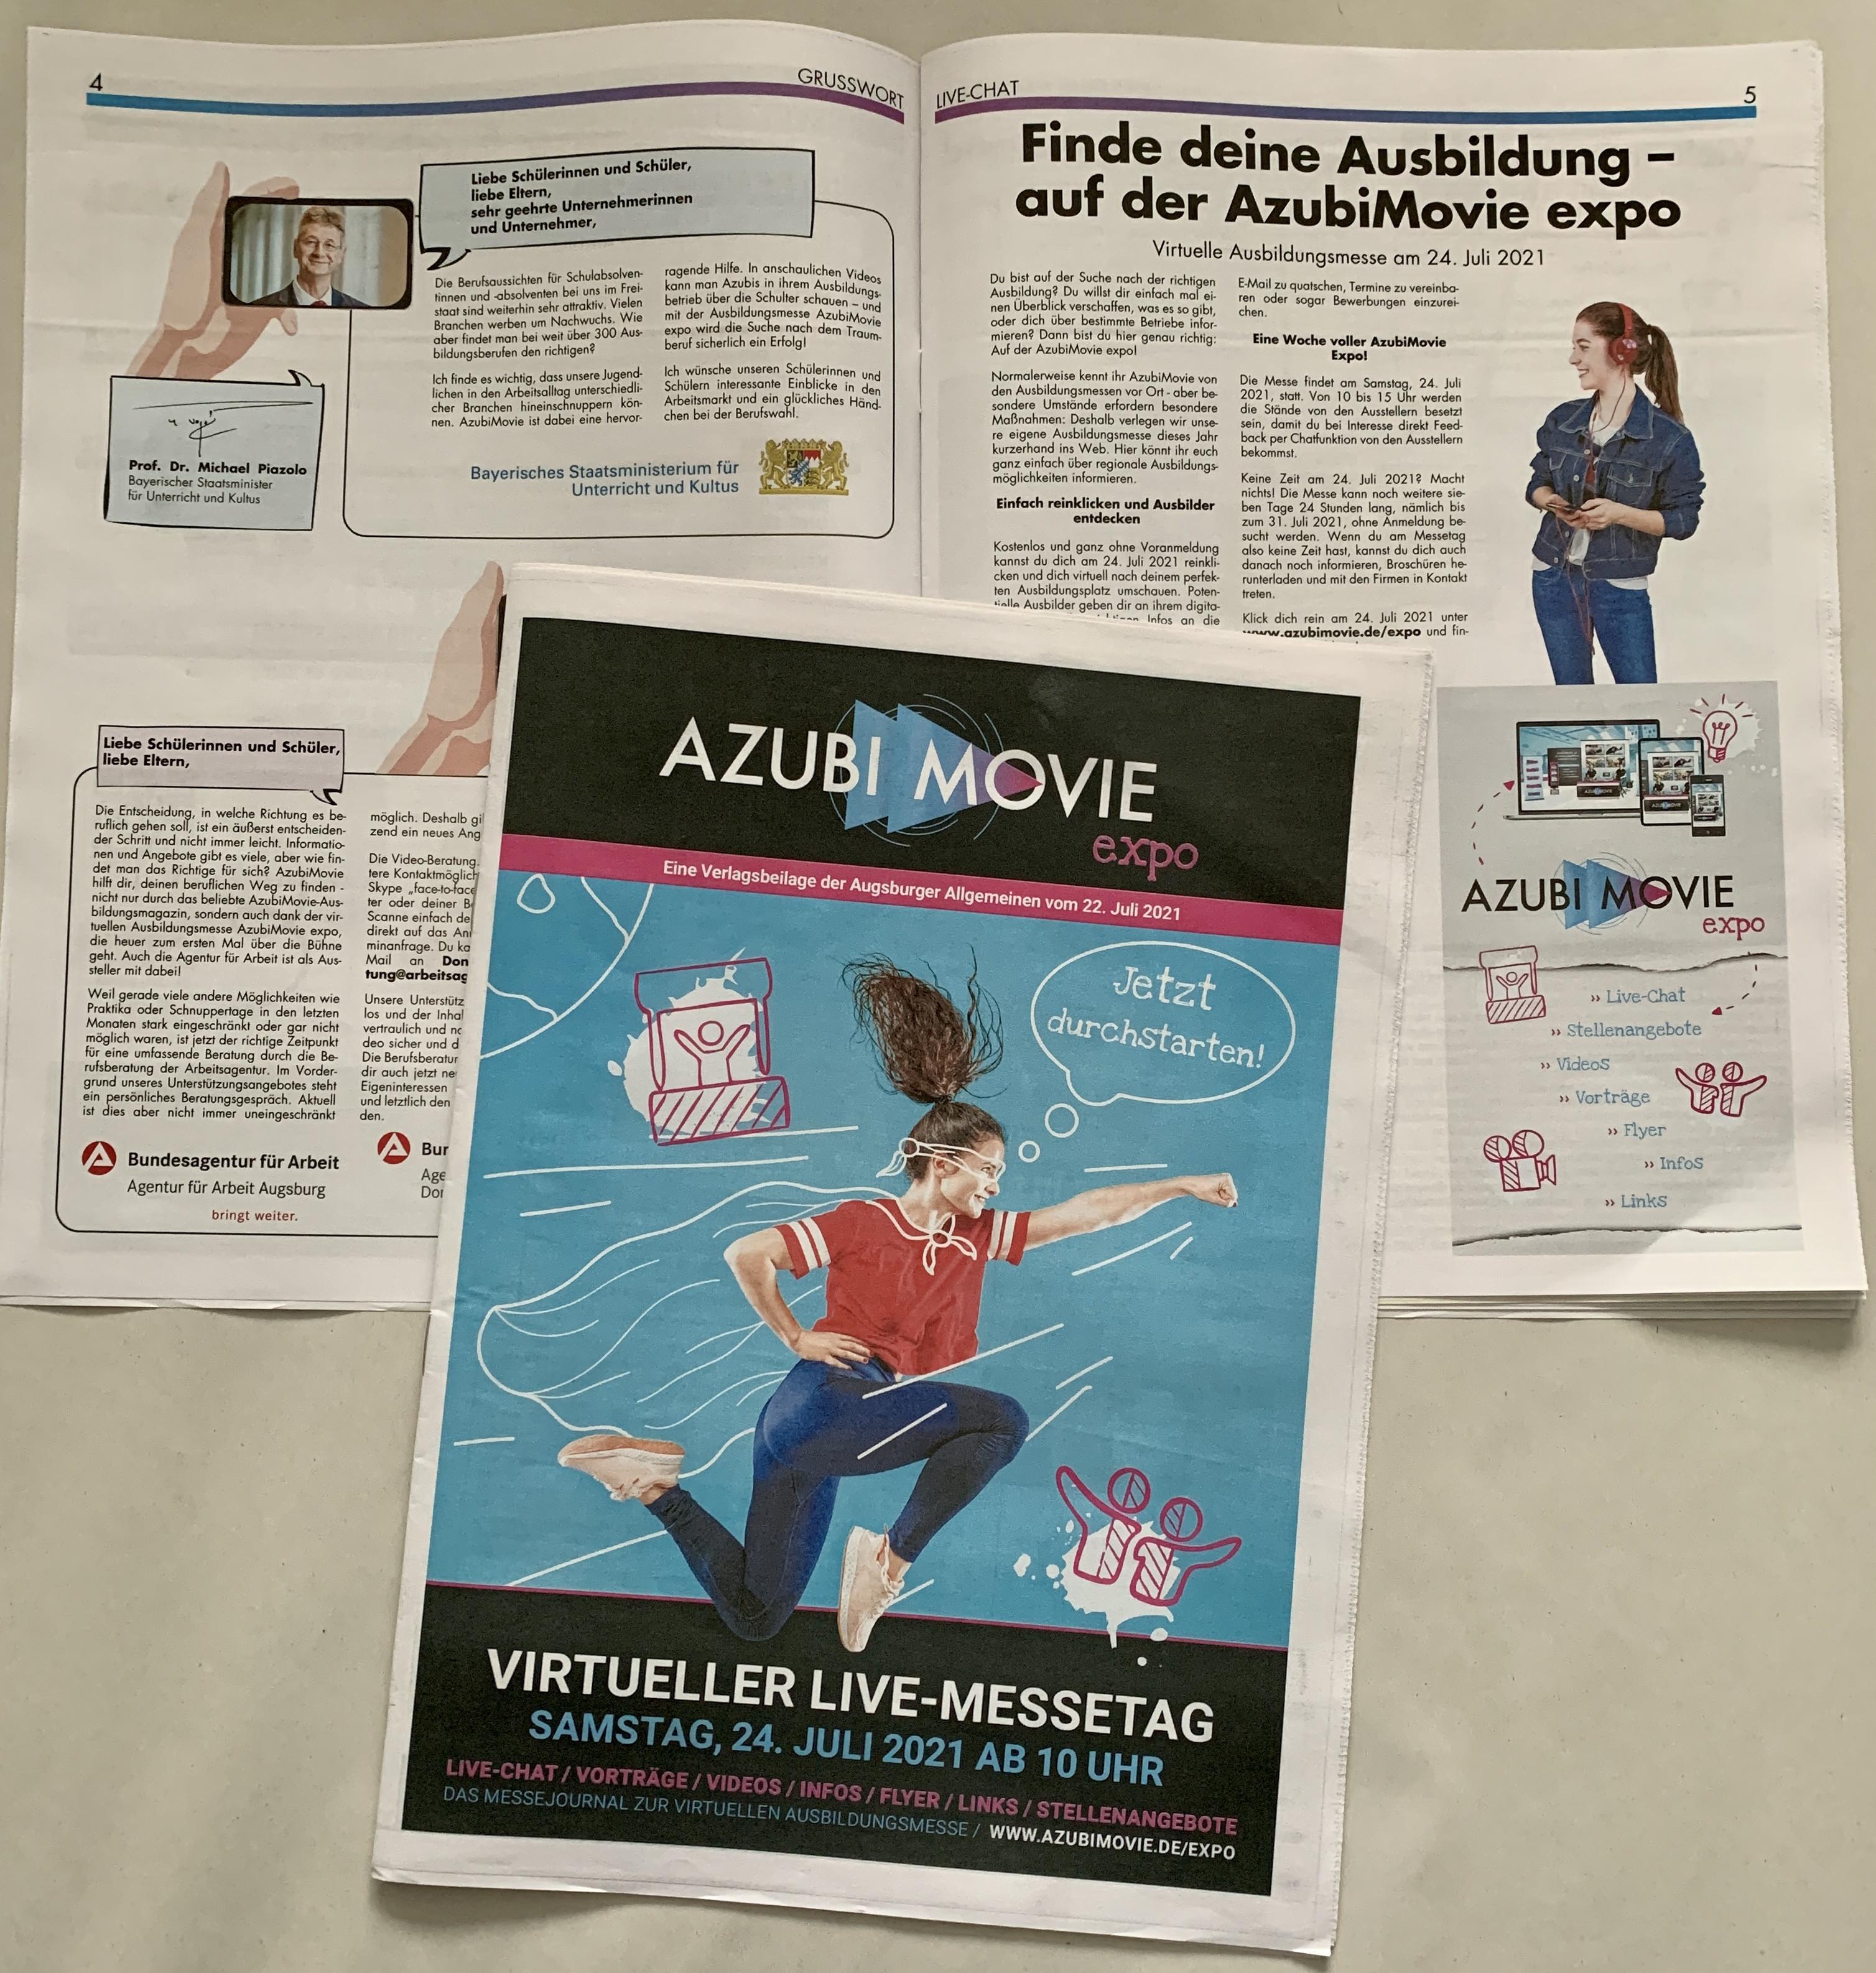 Azubi Movie Expo - Jetzt durchstarten!